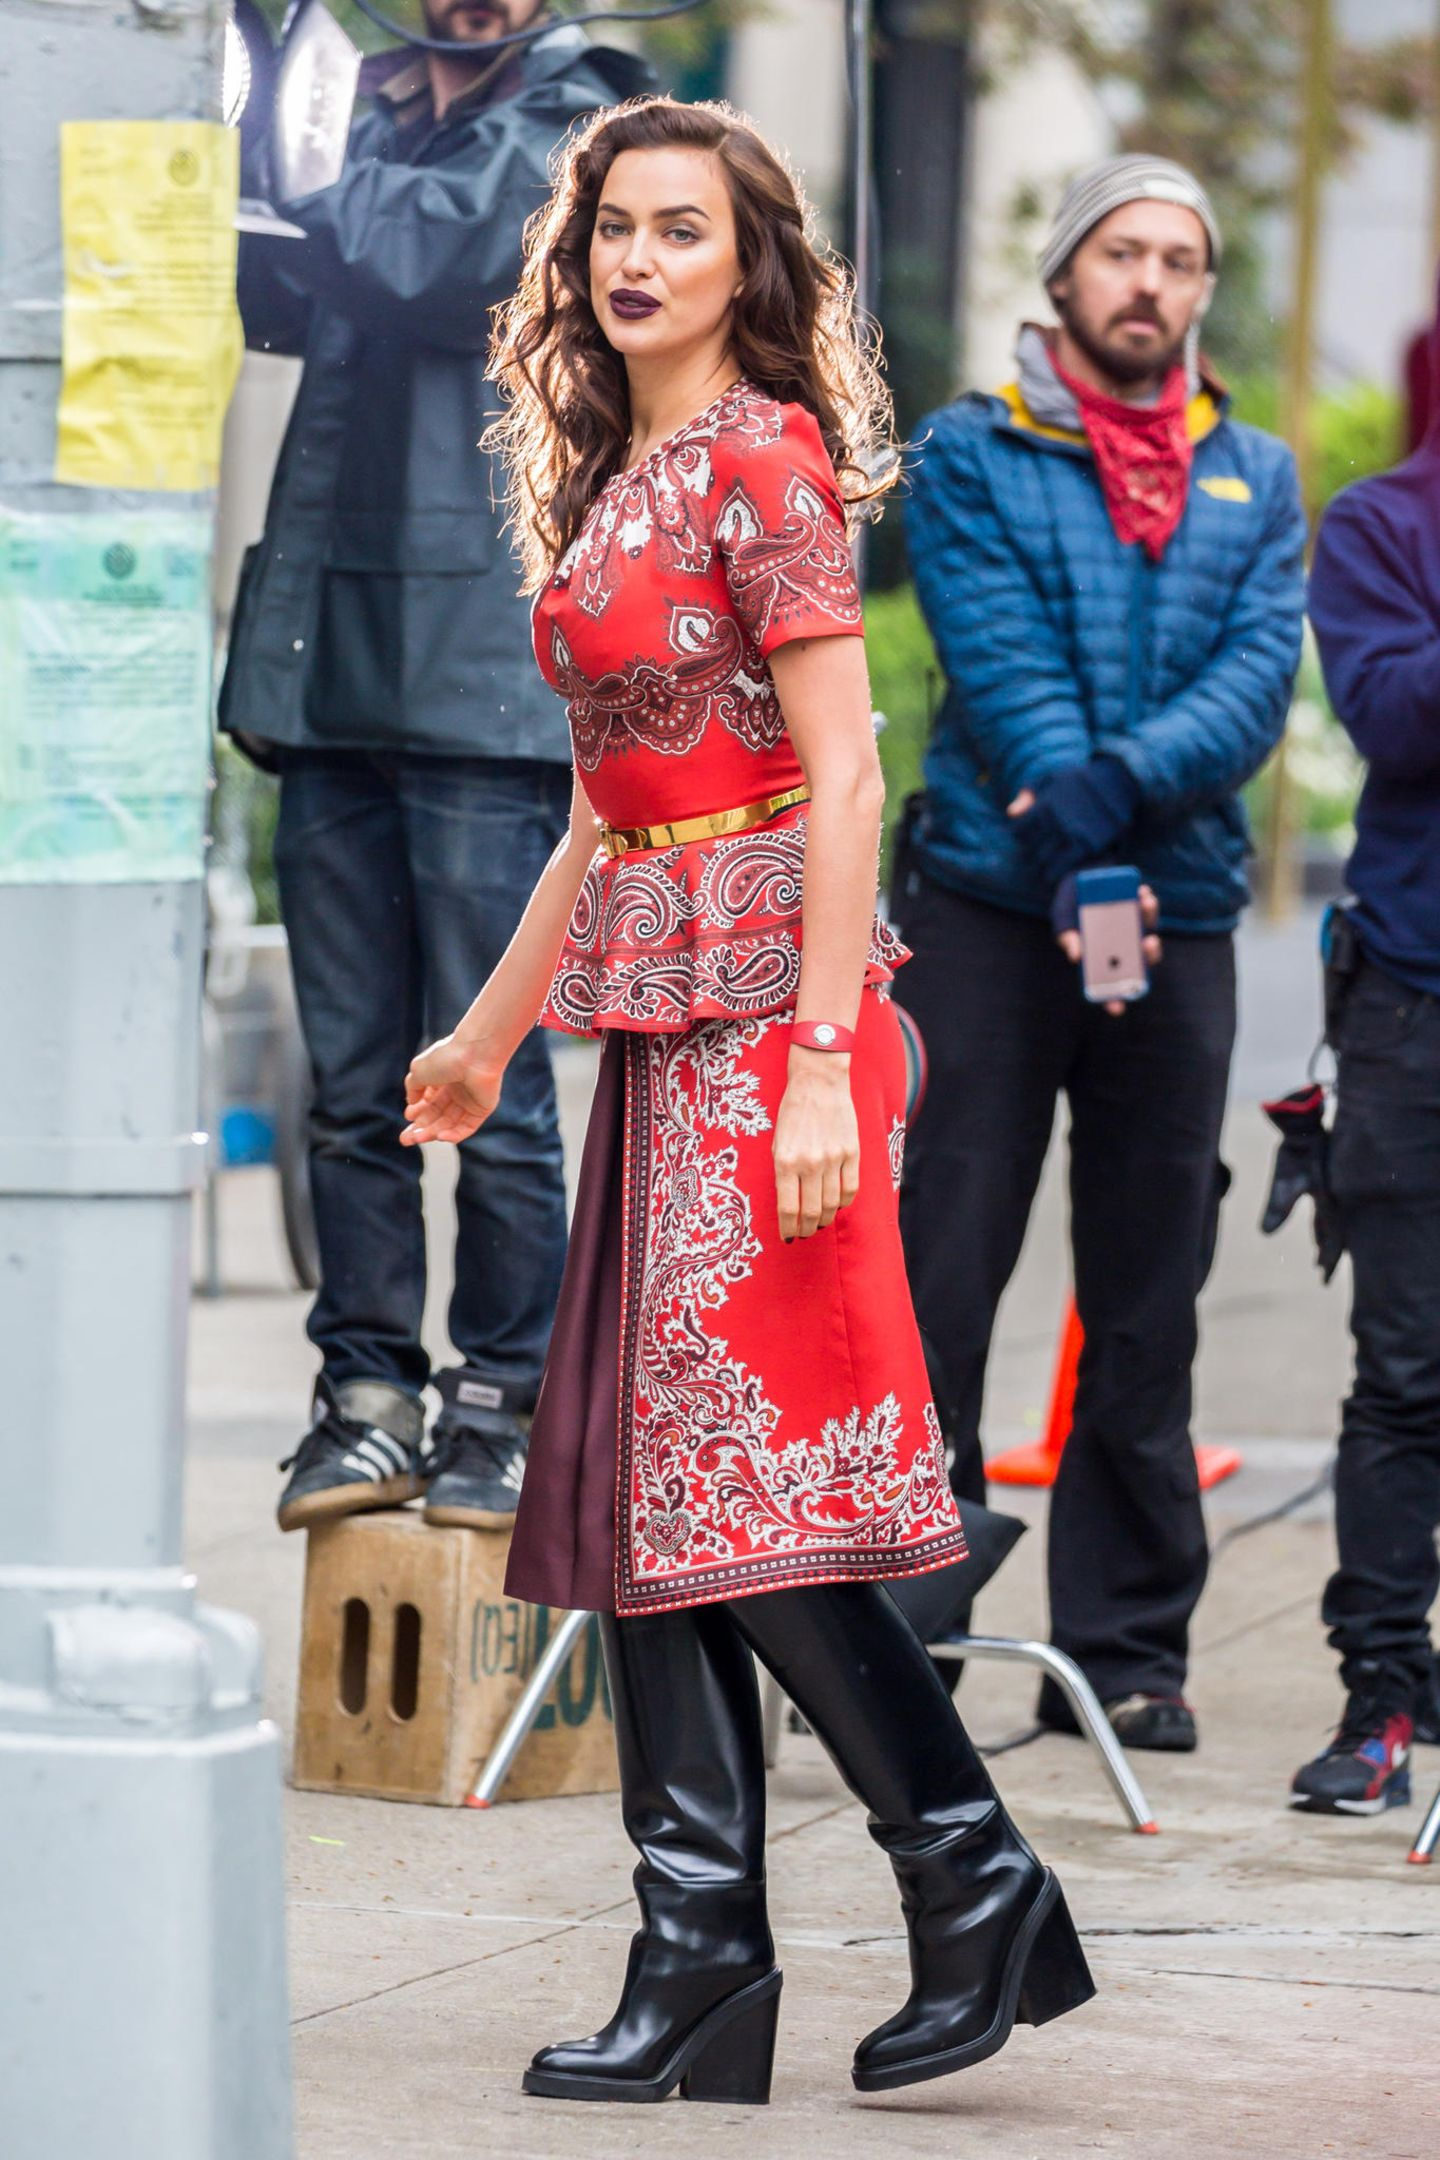 Auch wenn das Dessous- und Supermodel Irina Shayk mit der Herzogin von Campridge auf den ersten Blick nicht viel gemein hat, verbindet die beiden Frauen scheinbar einen ähnlichen Kleidergeschmack. Irina stylt es im Gegensatz zu Kate mit Stiefeln und betont durch einen goldfarbenen Gürtel zusätzlich ihre Taille.